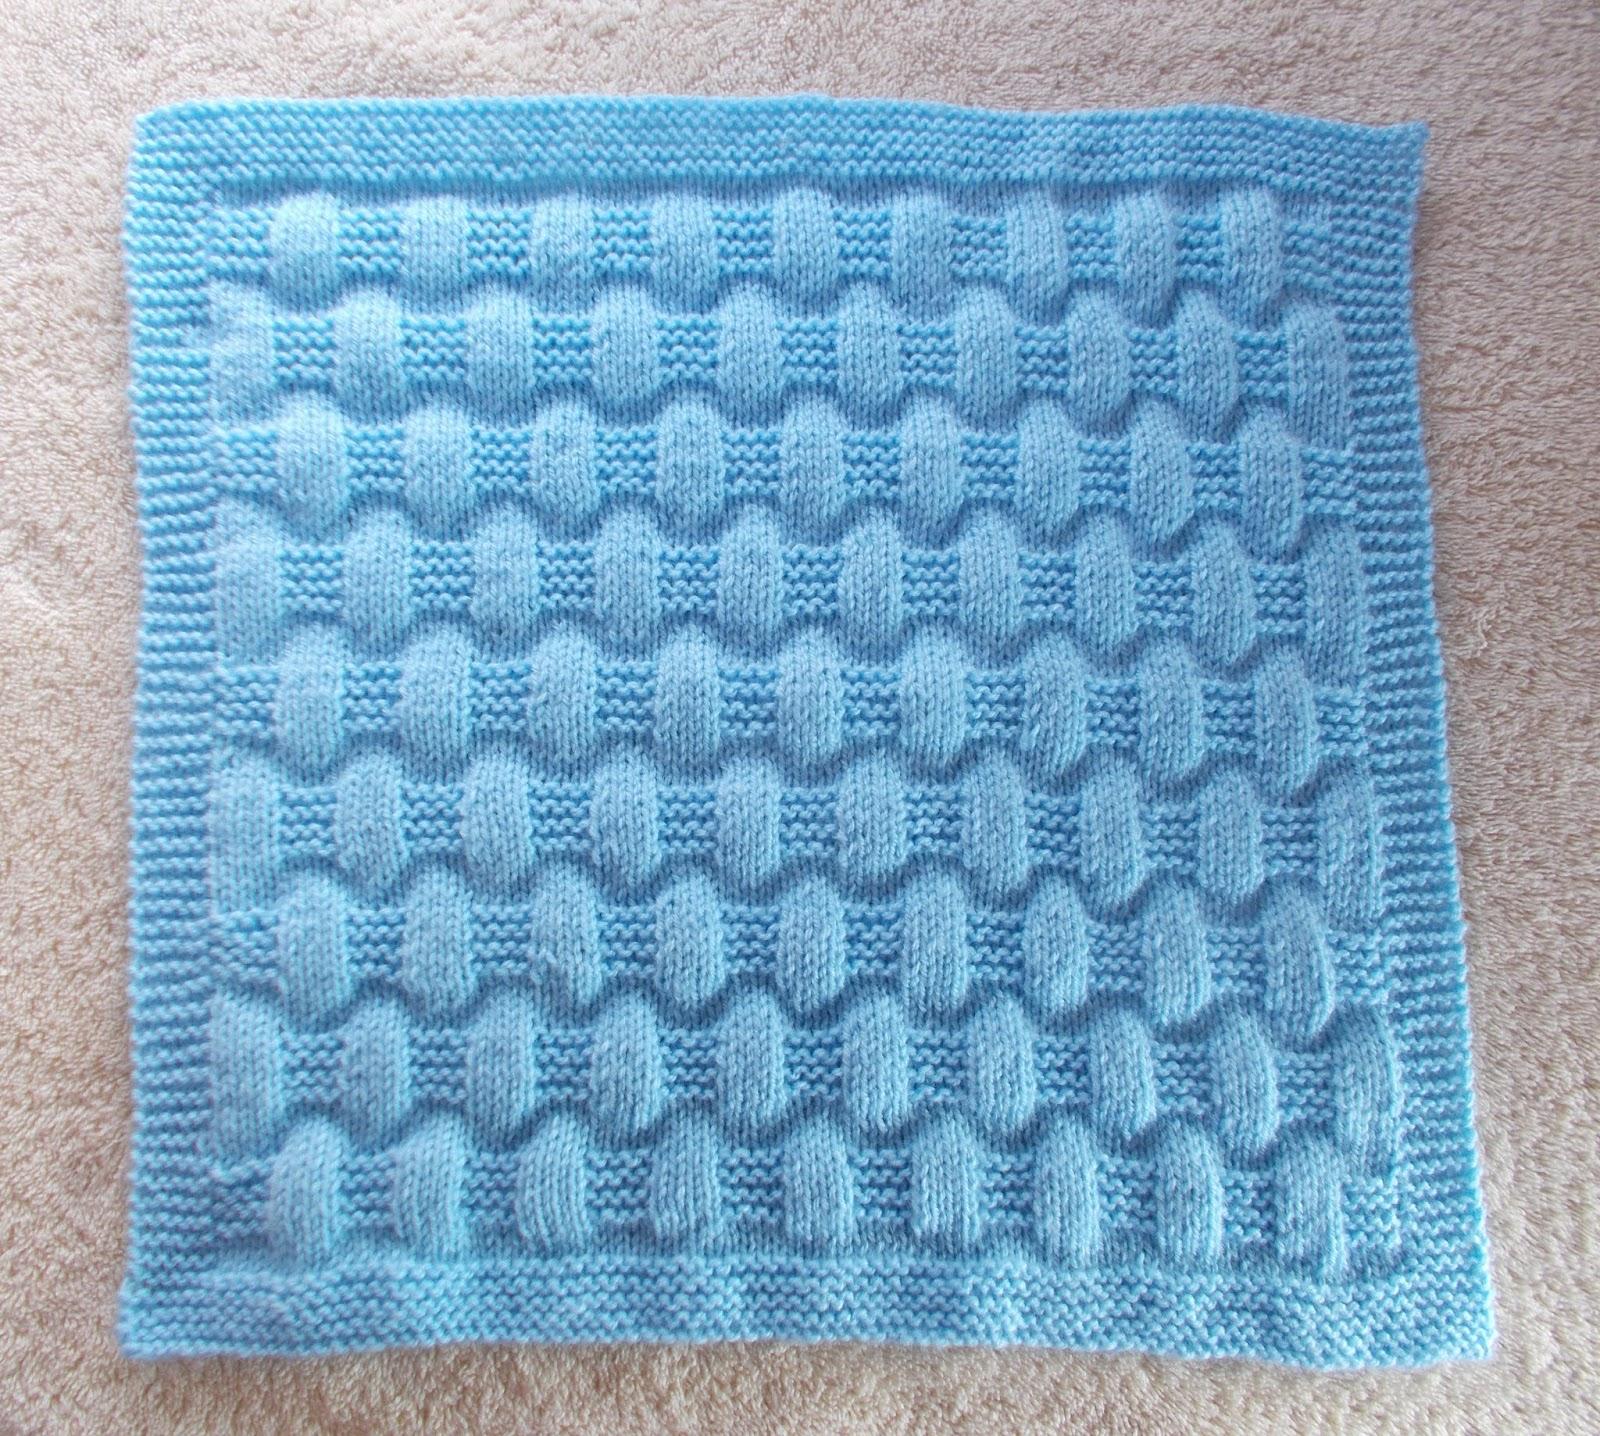 2e024f65d Marianna's Lazy Daisy Days: Jordan Baby Blanket